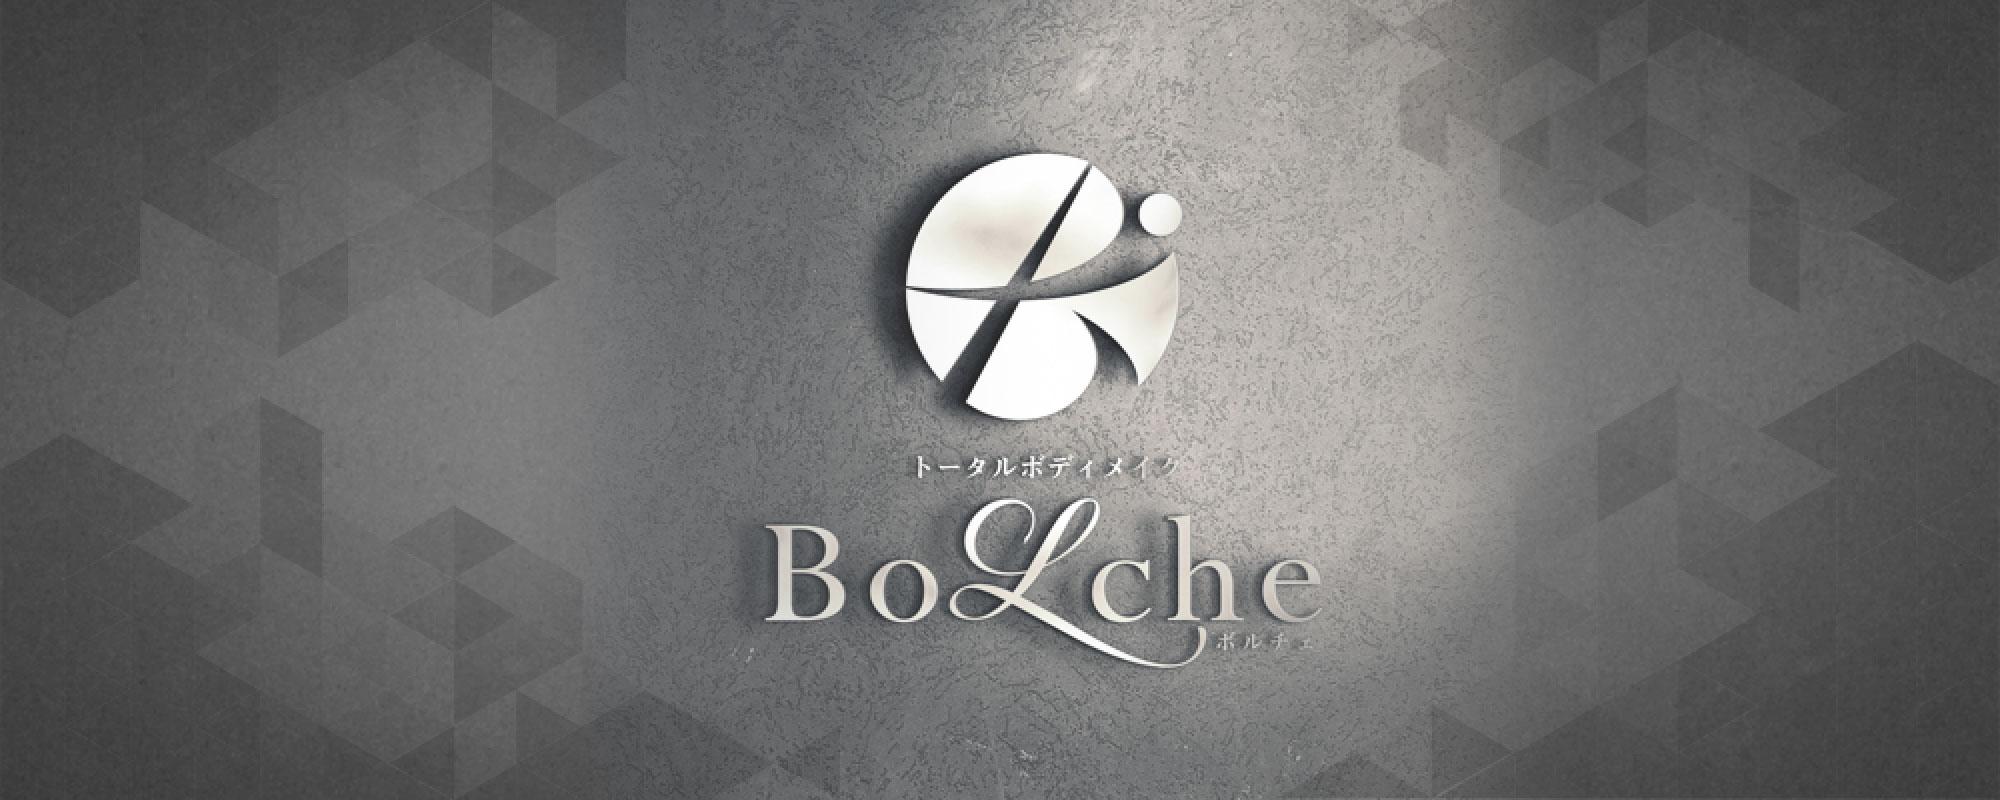 BoLche(ボルチェ)のジム画像1